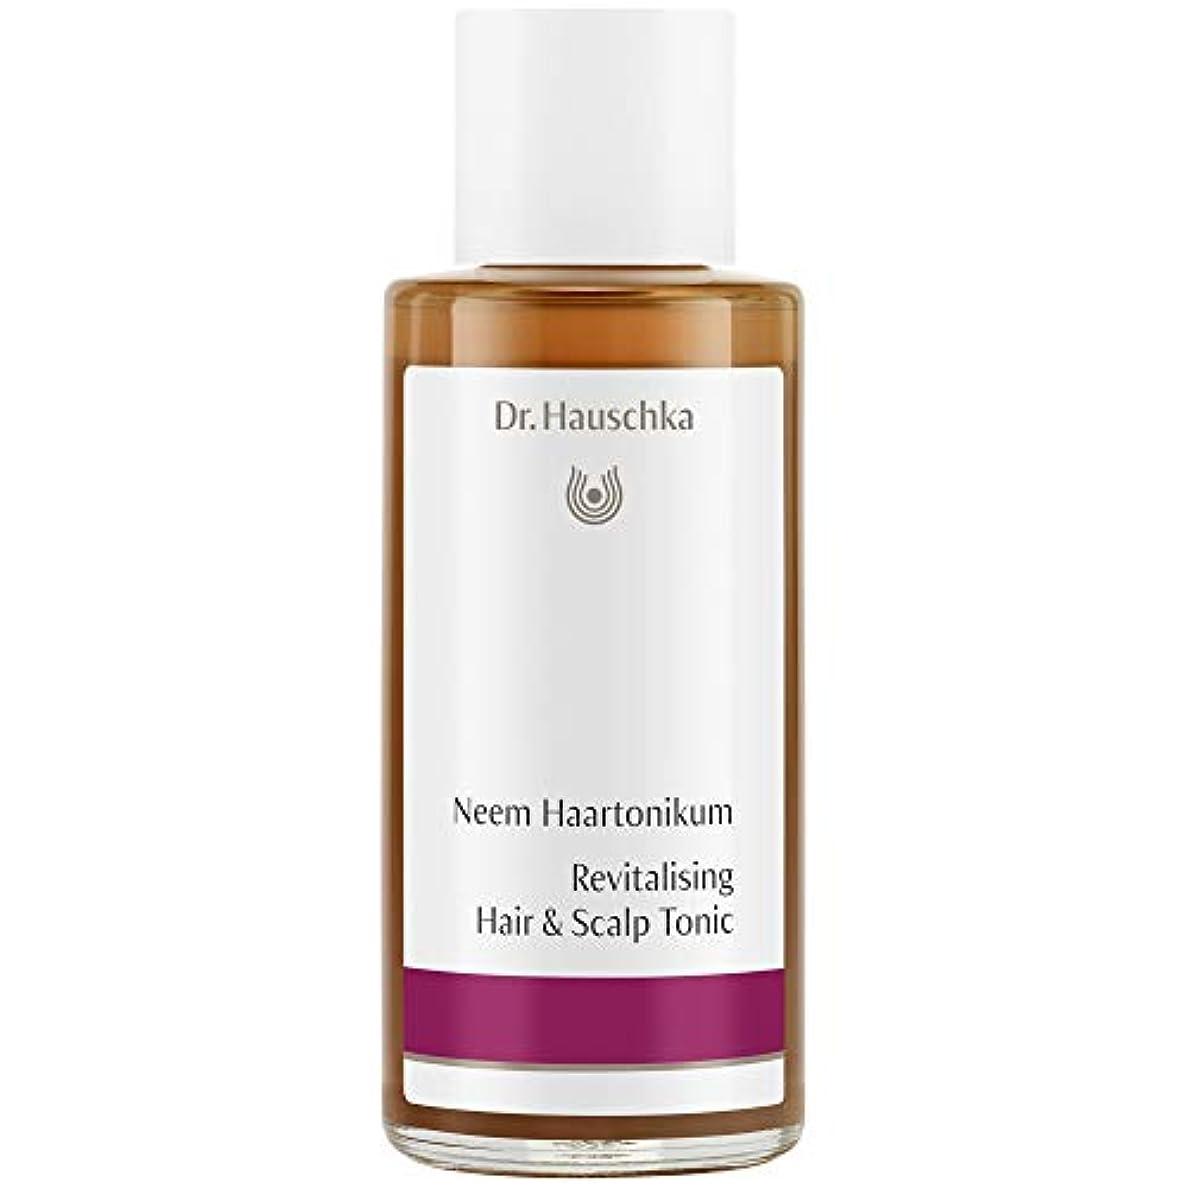 大人孤児境界[Dr Hauschka] Drハウシュカニームヘアローション100ミリリットル - Dr Hauschka Neem Hair Lotion 100ml [並行輸入品]